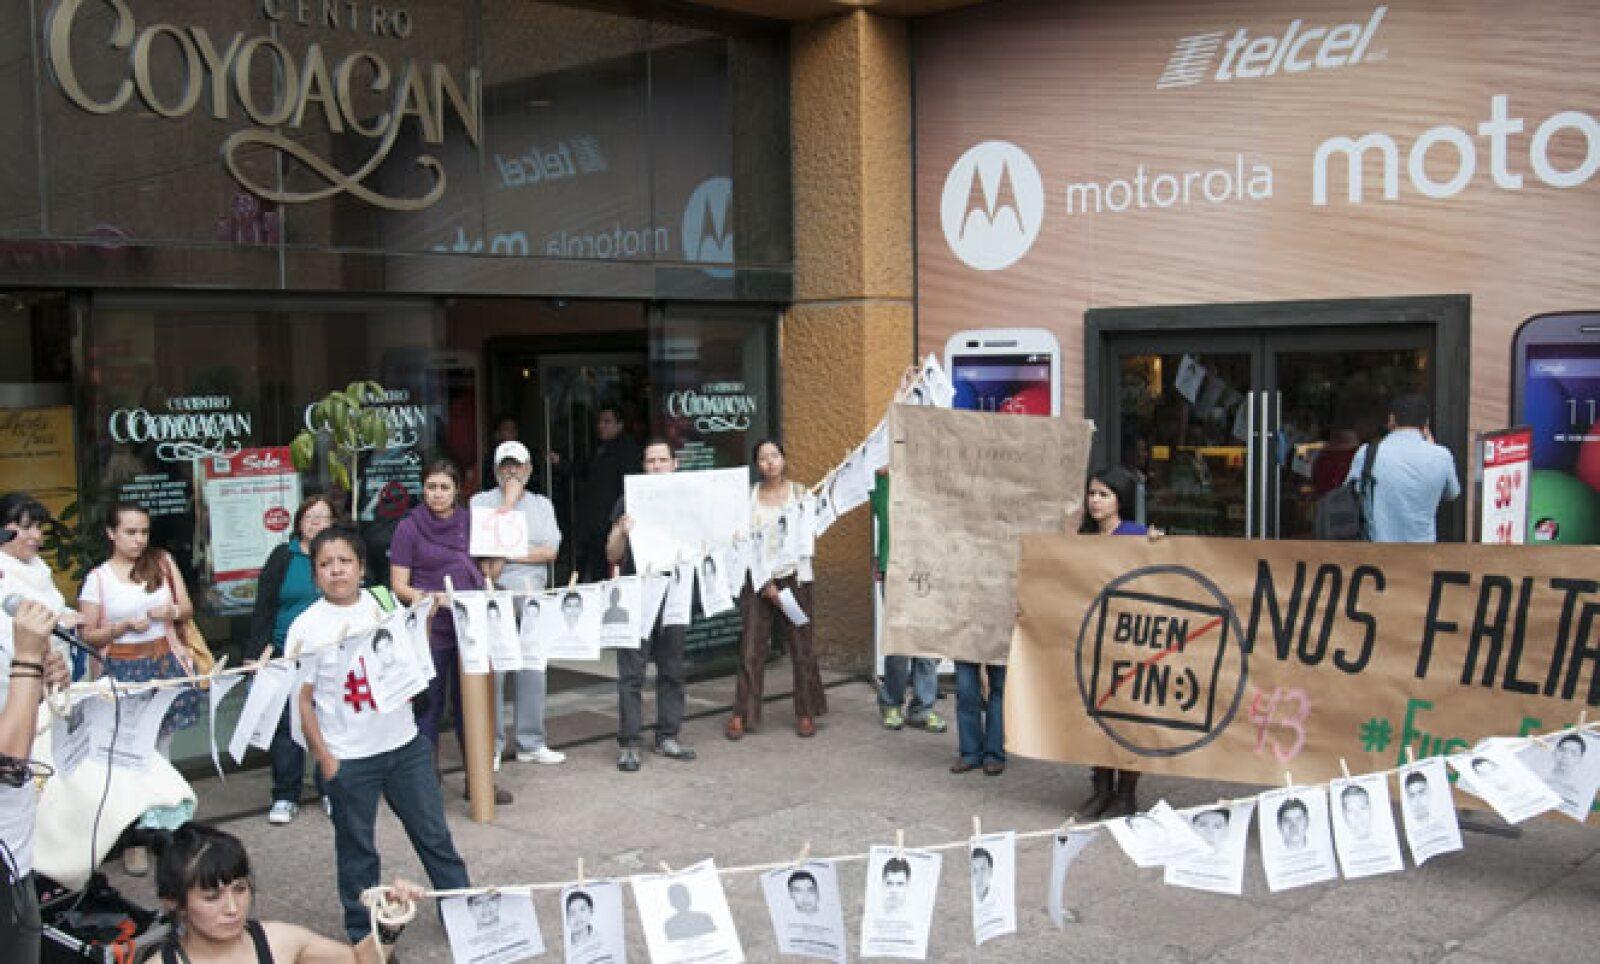 En centros comerciales del Distrito Federal, como Centro Coyoacán, grupos de personas se manifestaron pacíficamente con pancartas y consignas para exigir solución a la desaparición de los normalistas.